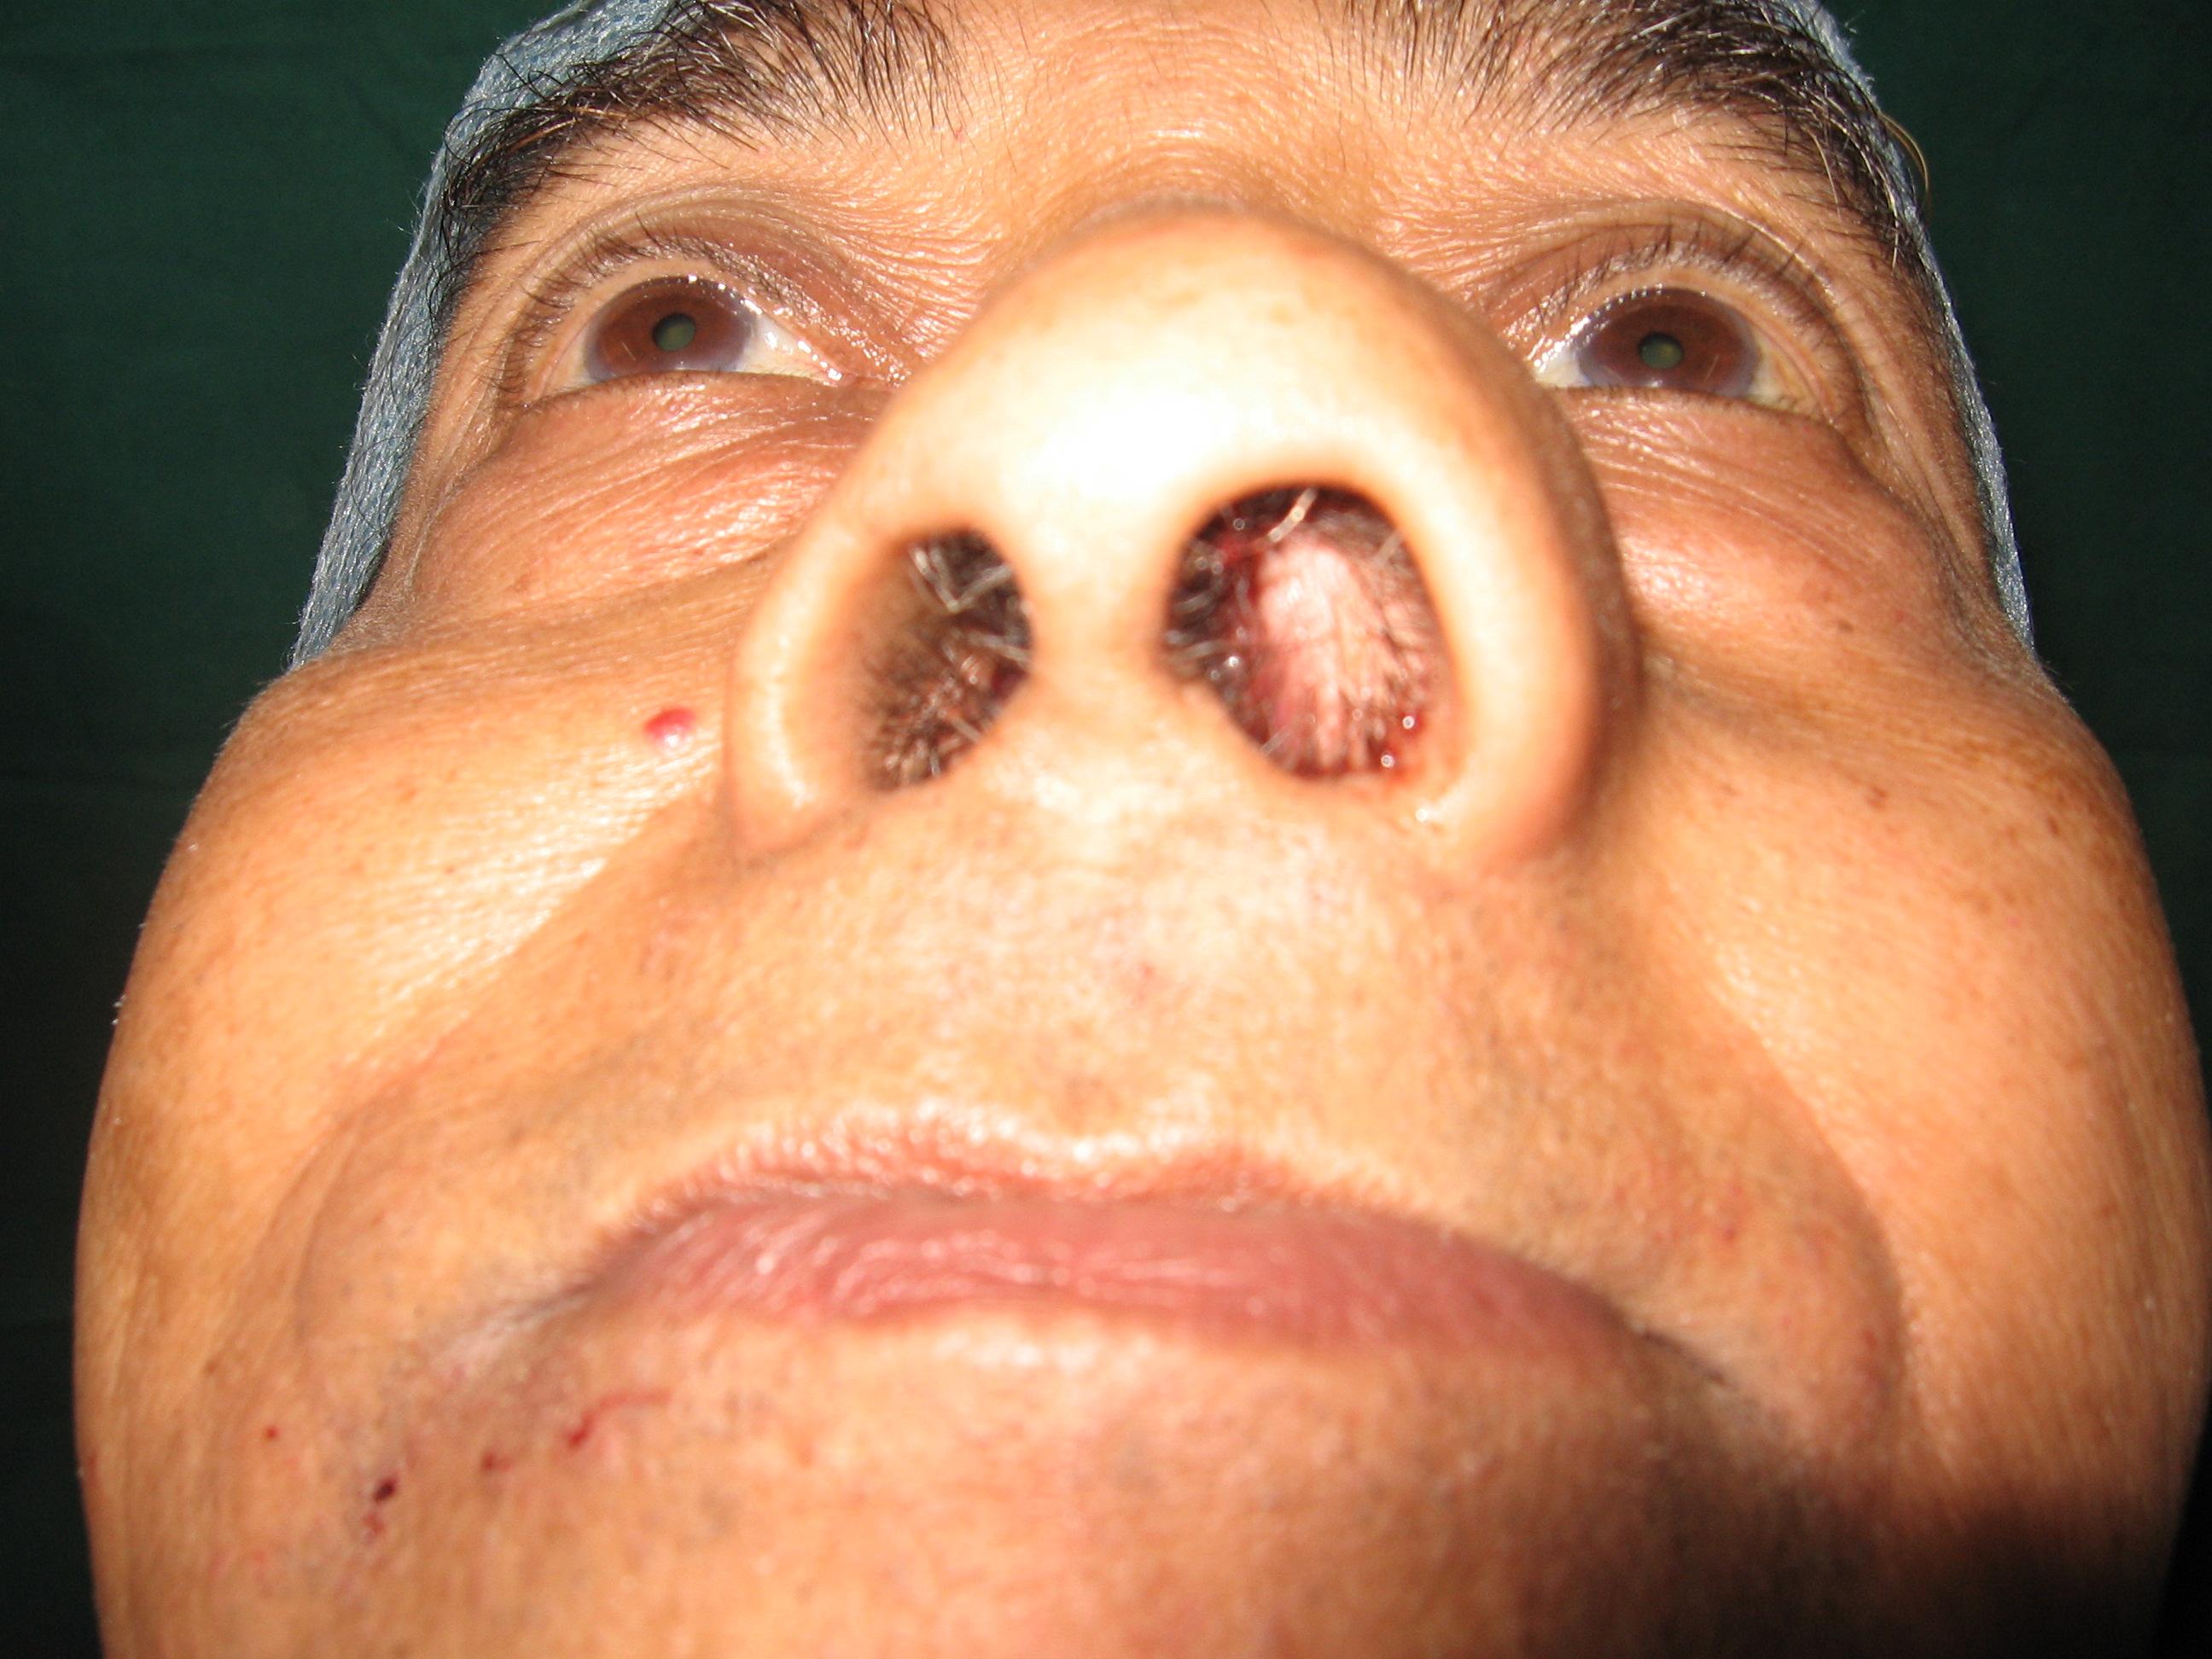 Facial reconstruction nasal tumor